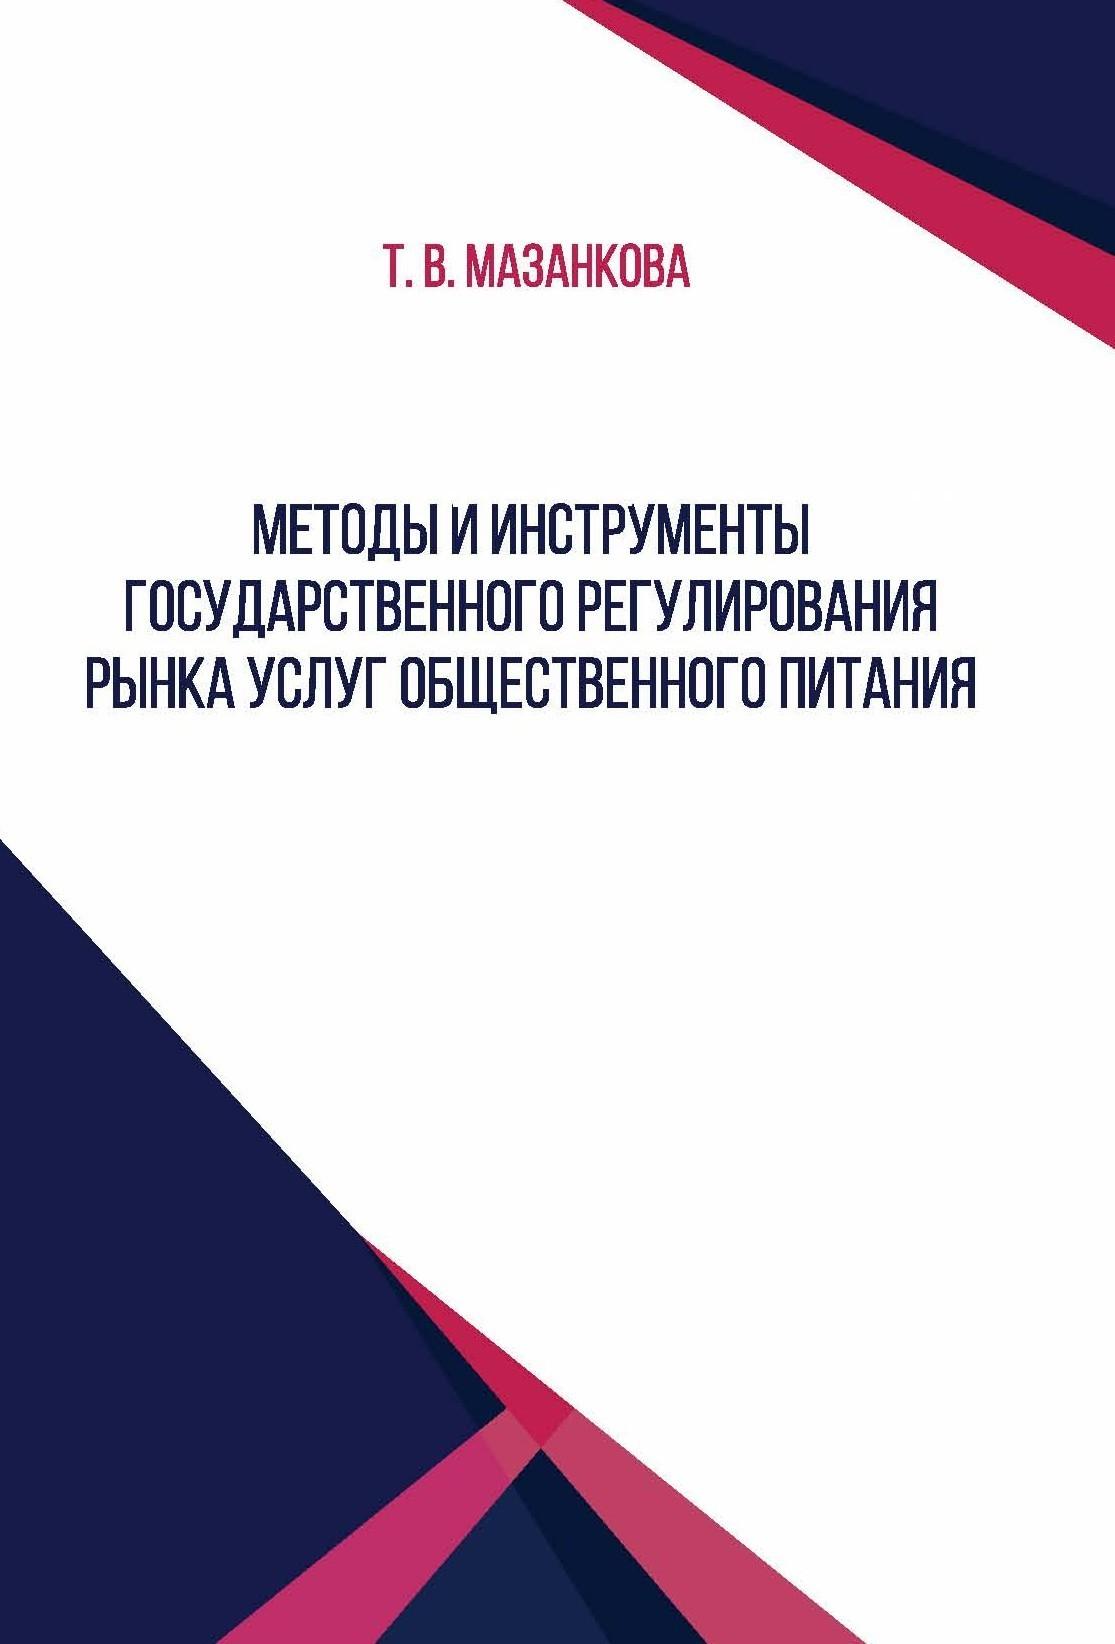 фото обложки издания Методы и инструменты государственного регулирования рынка услуг общественного питания